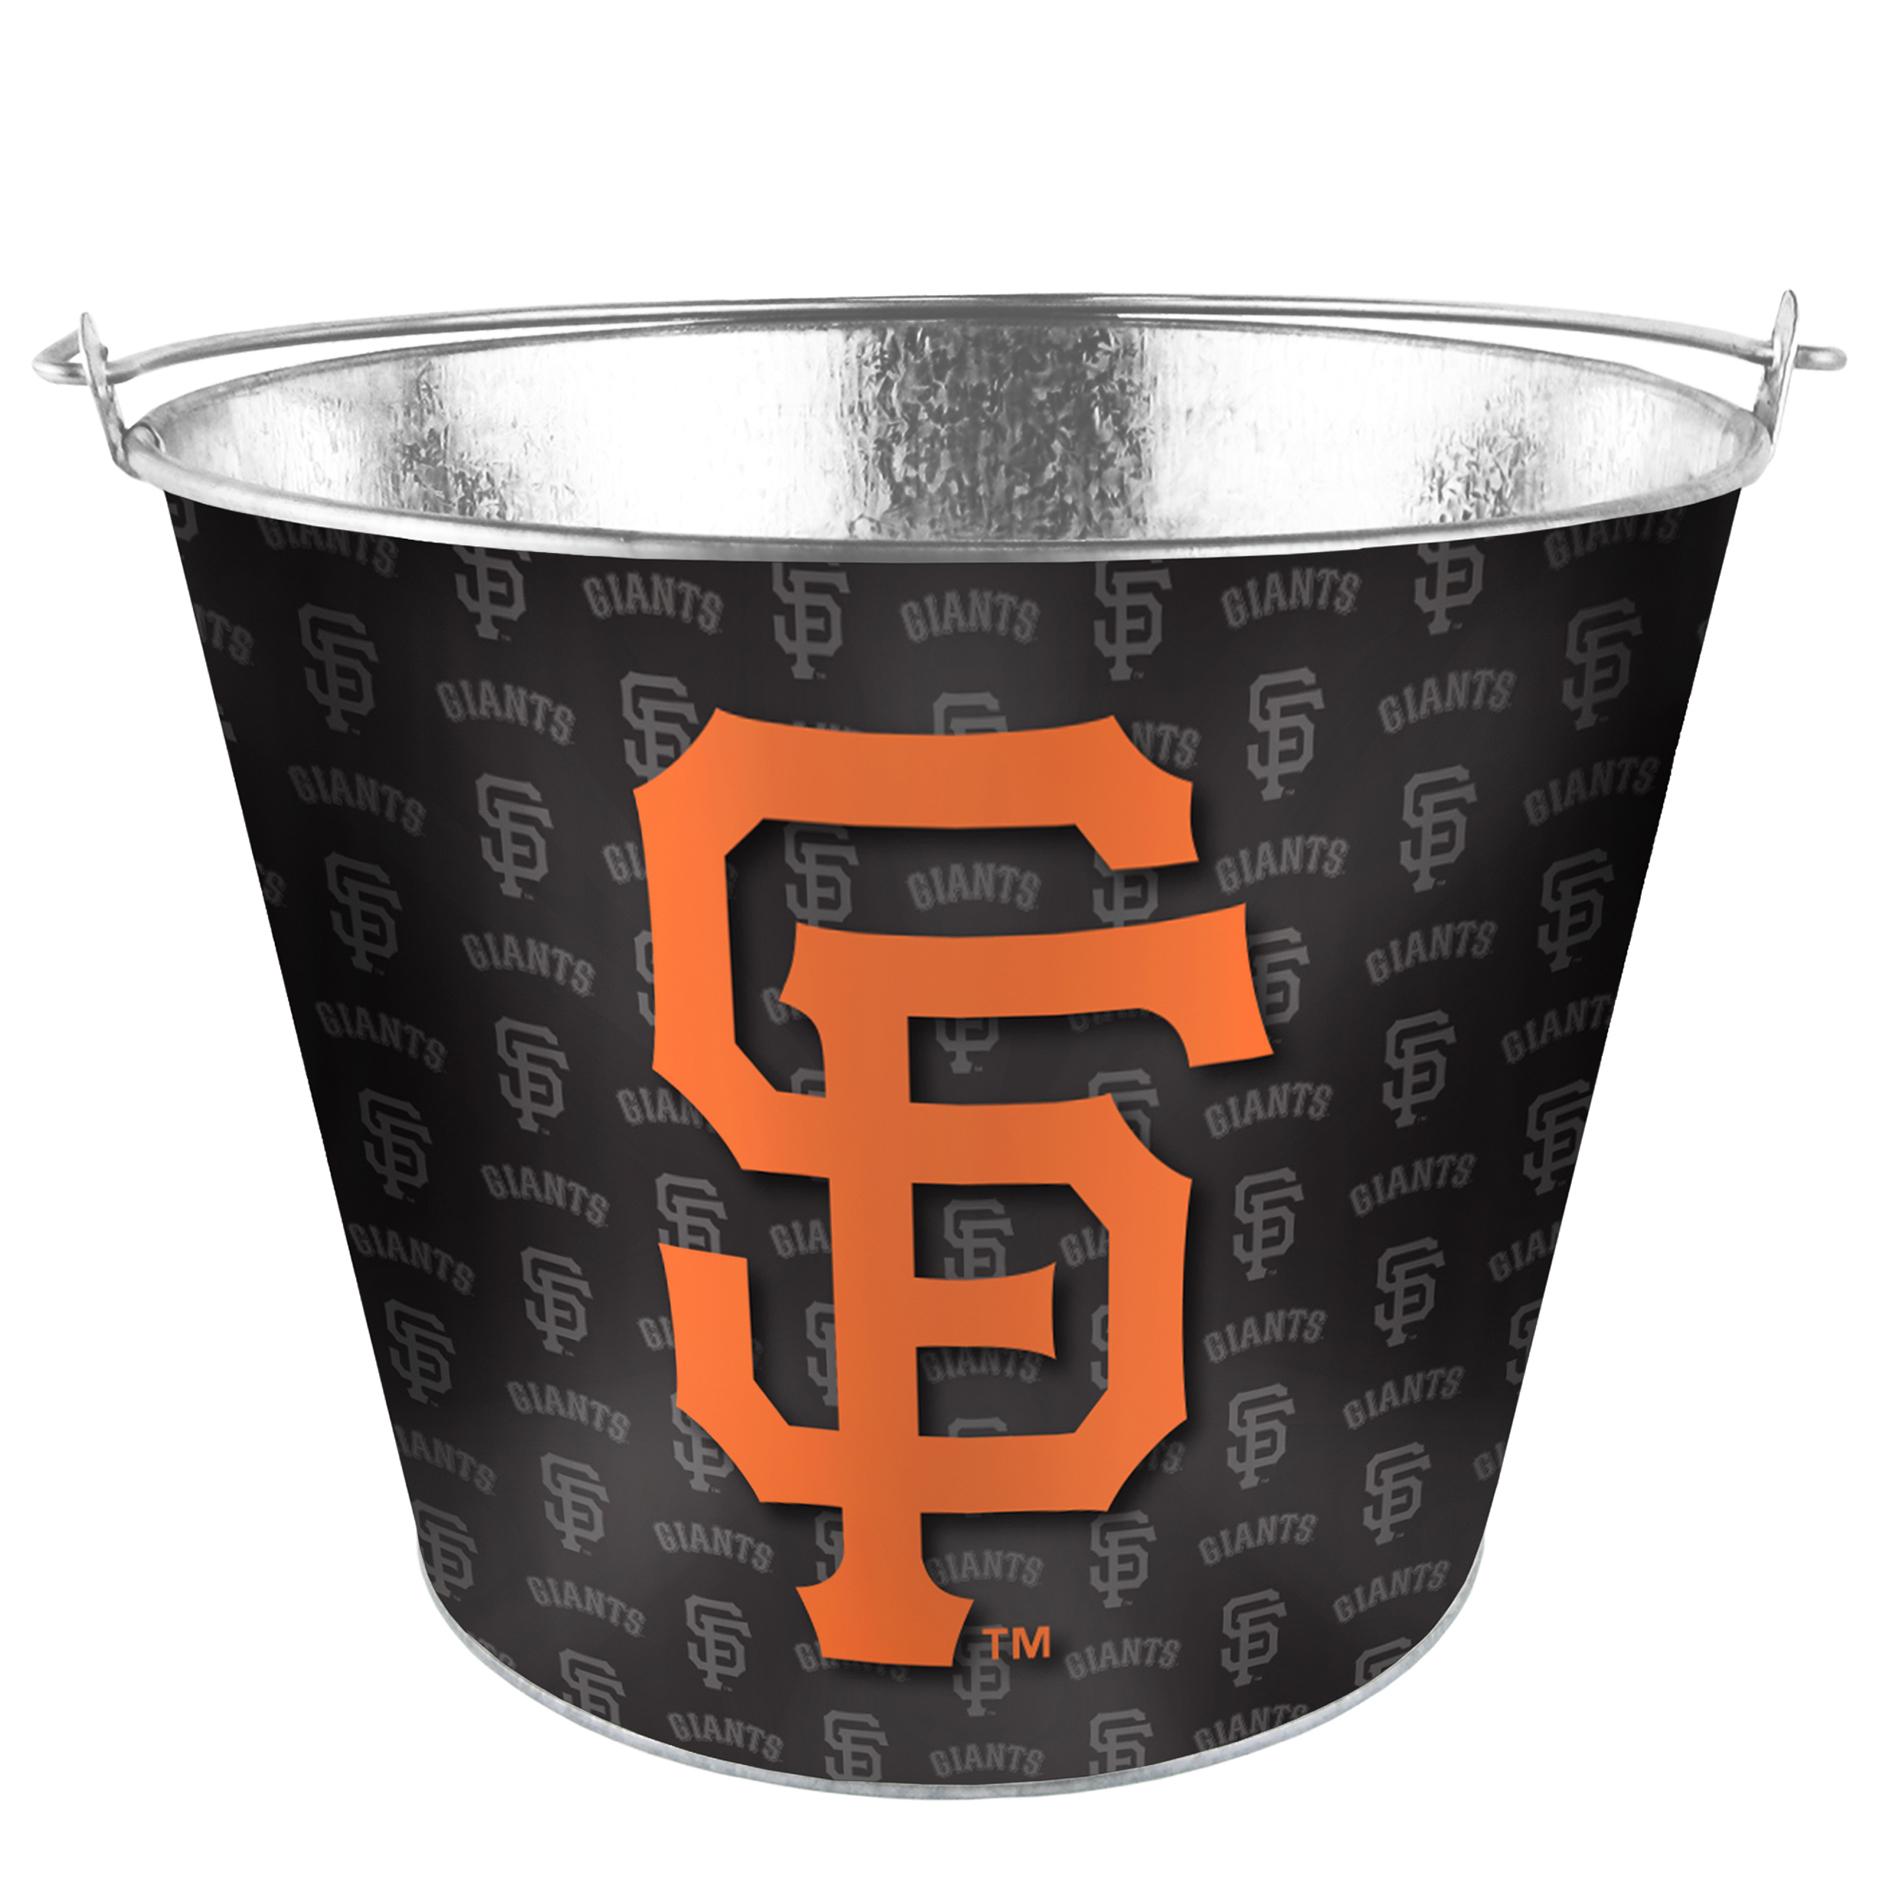 MLB Beer Bucket - San Francisco Giants PartNumber: 046W001258412001P KsnValue: 1258412 MfgPartNumber: 238457